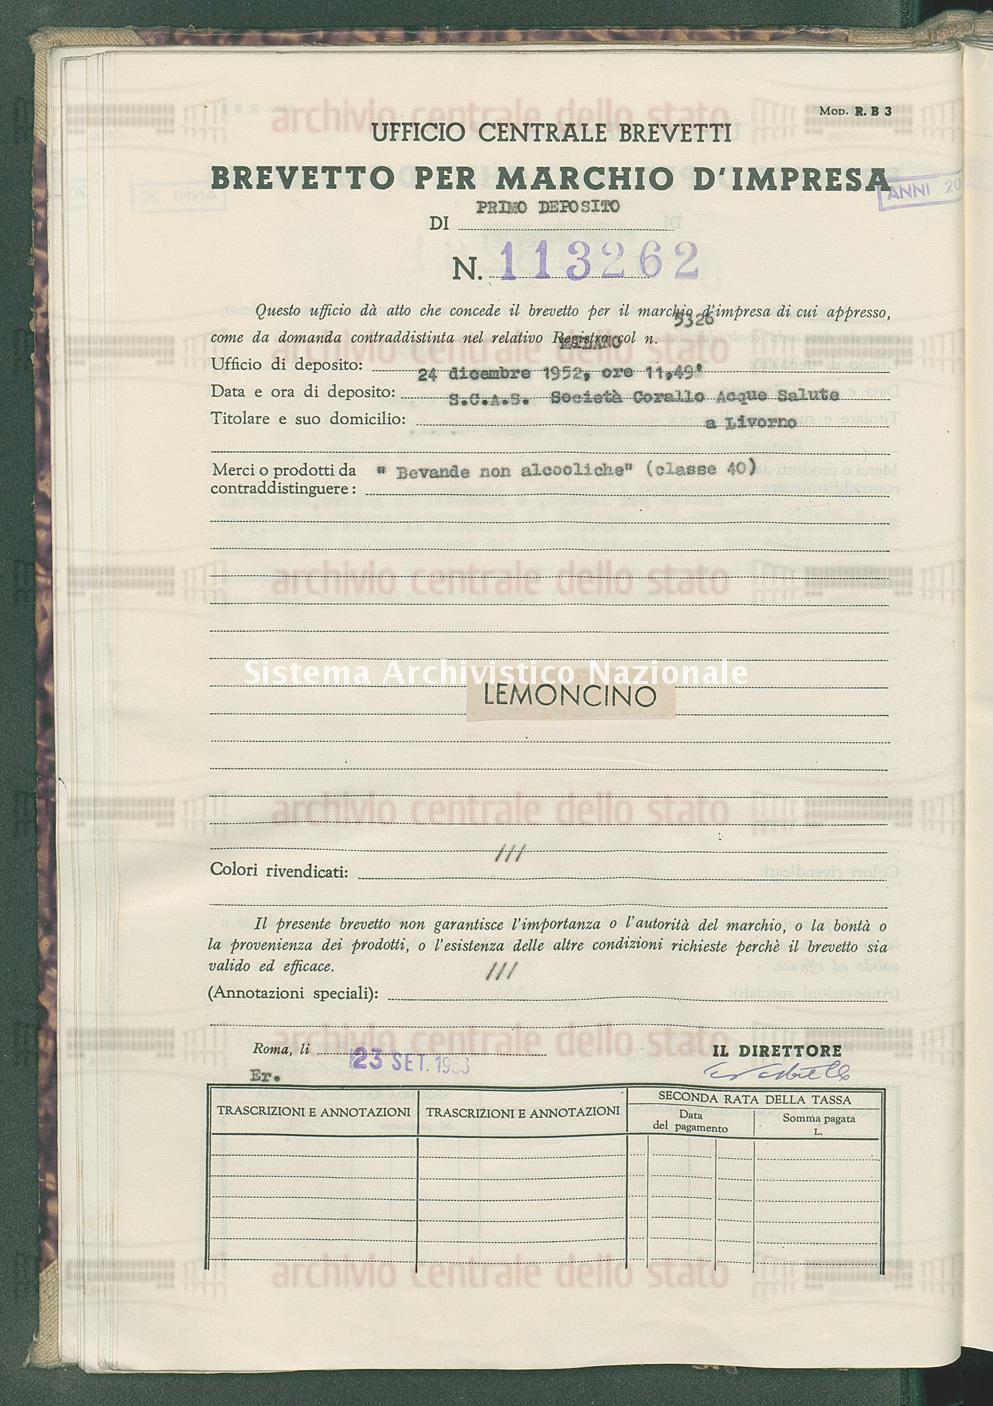 'Bevande non alcooliche' S.C.A.S.Societa' Corallo Acque Salute (23/09/1953)